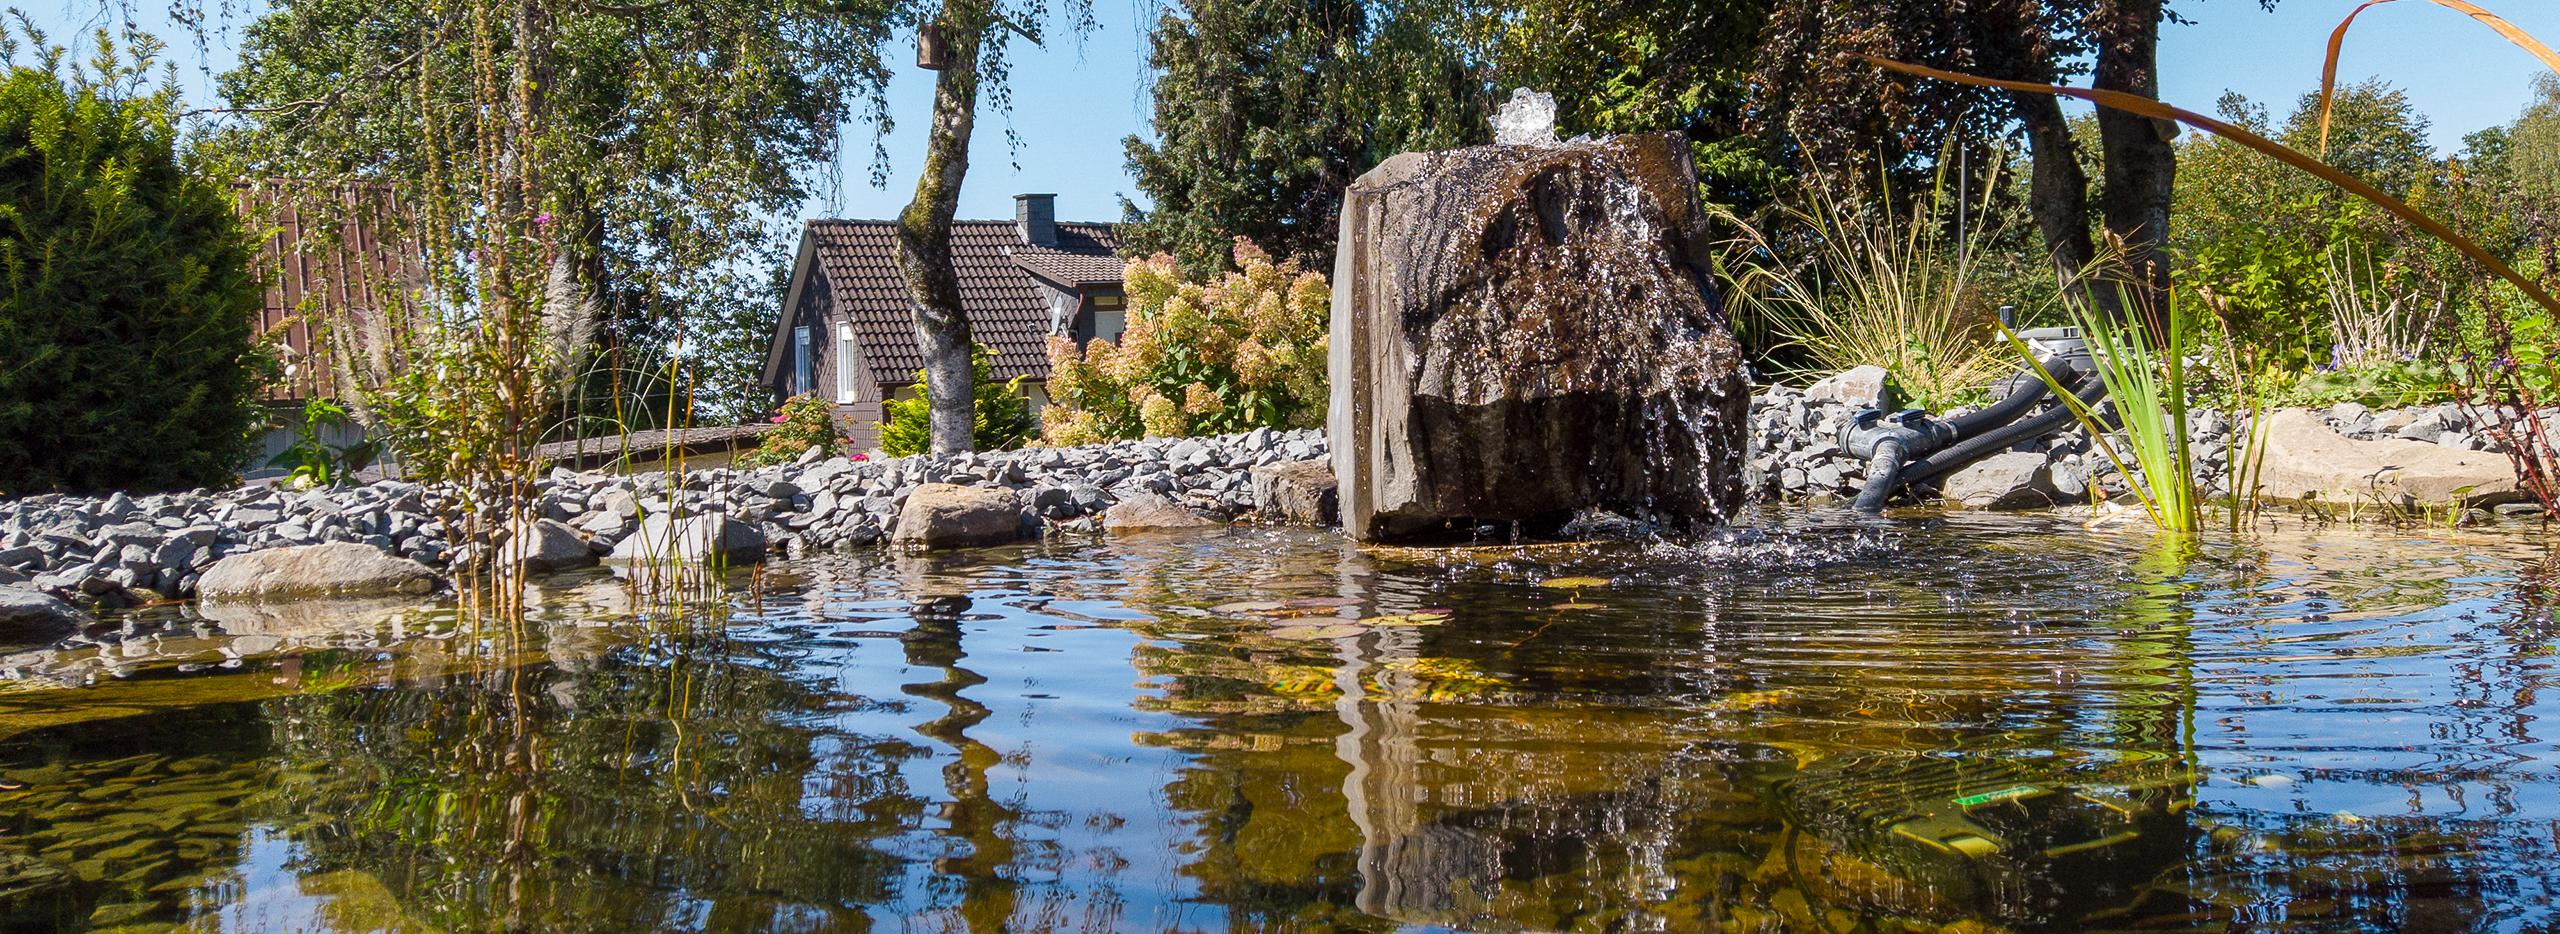 Nohl Galabau - Wasser im Garten